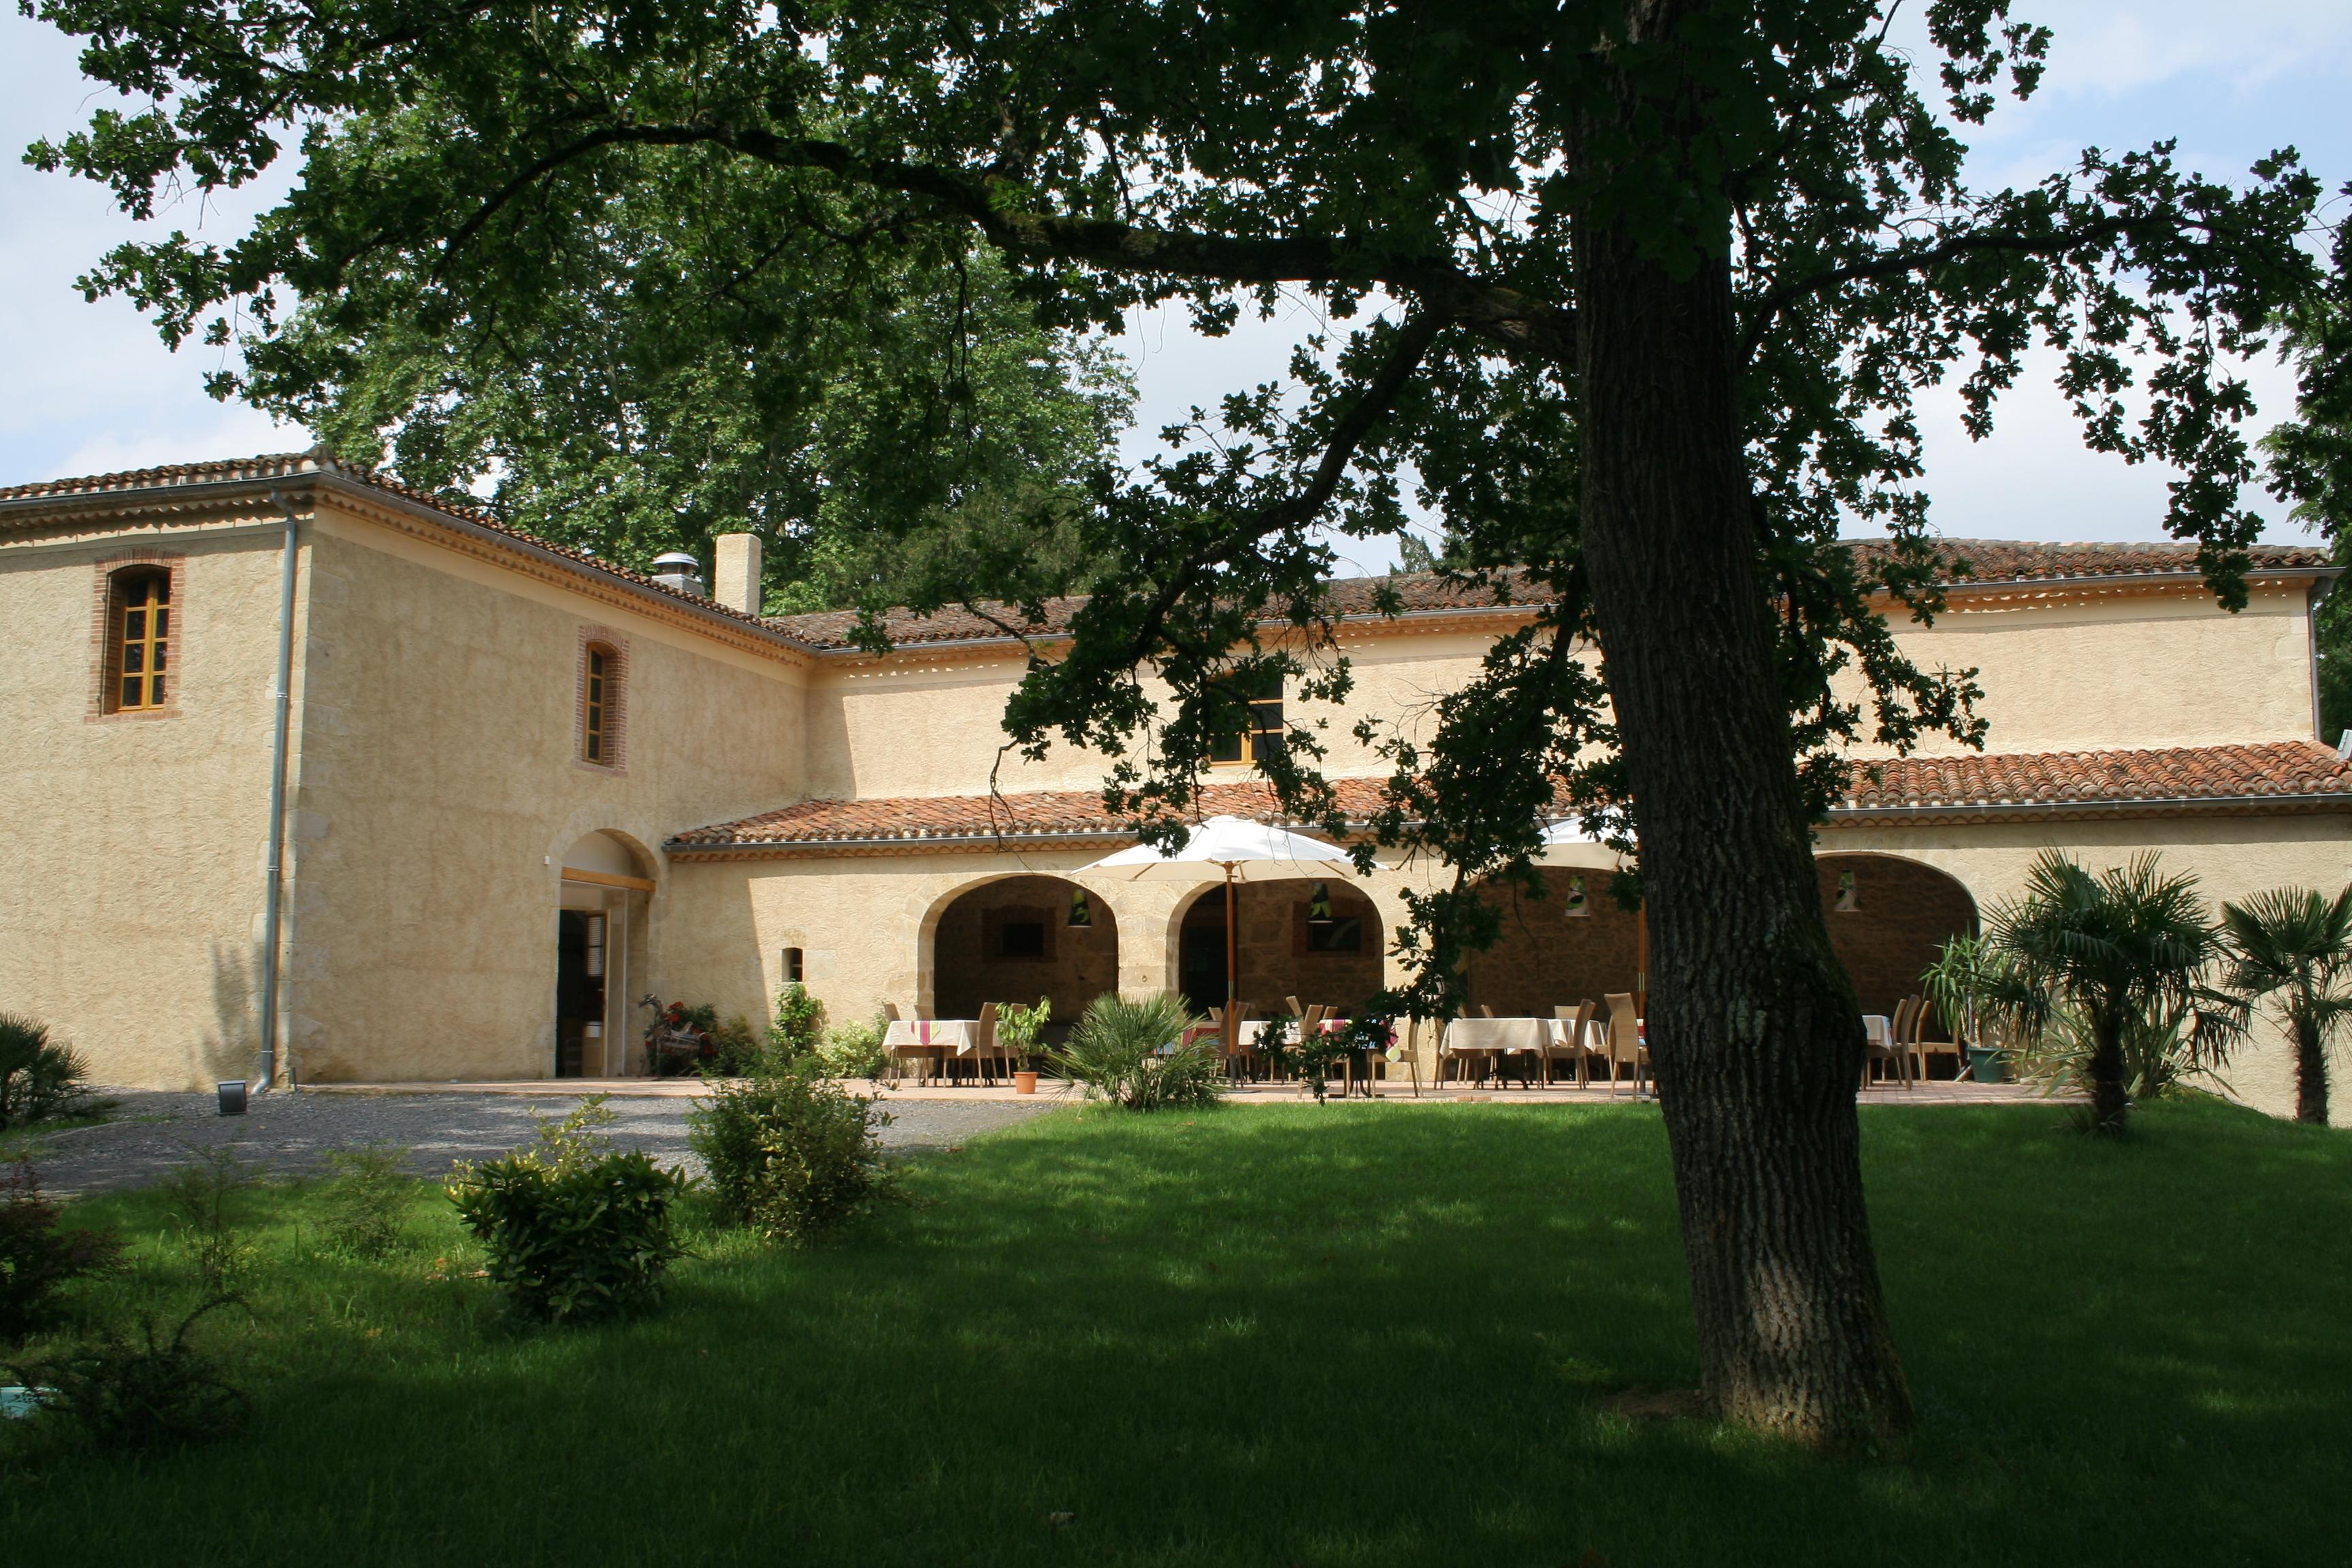 Le Château de Camille en Gascogne - son parc arboré